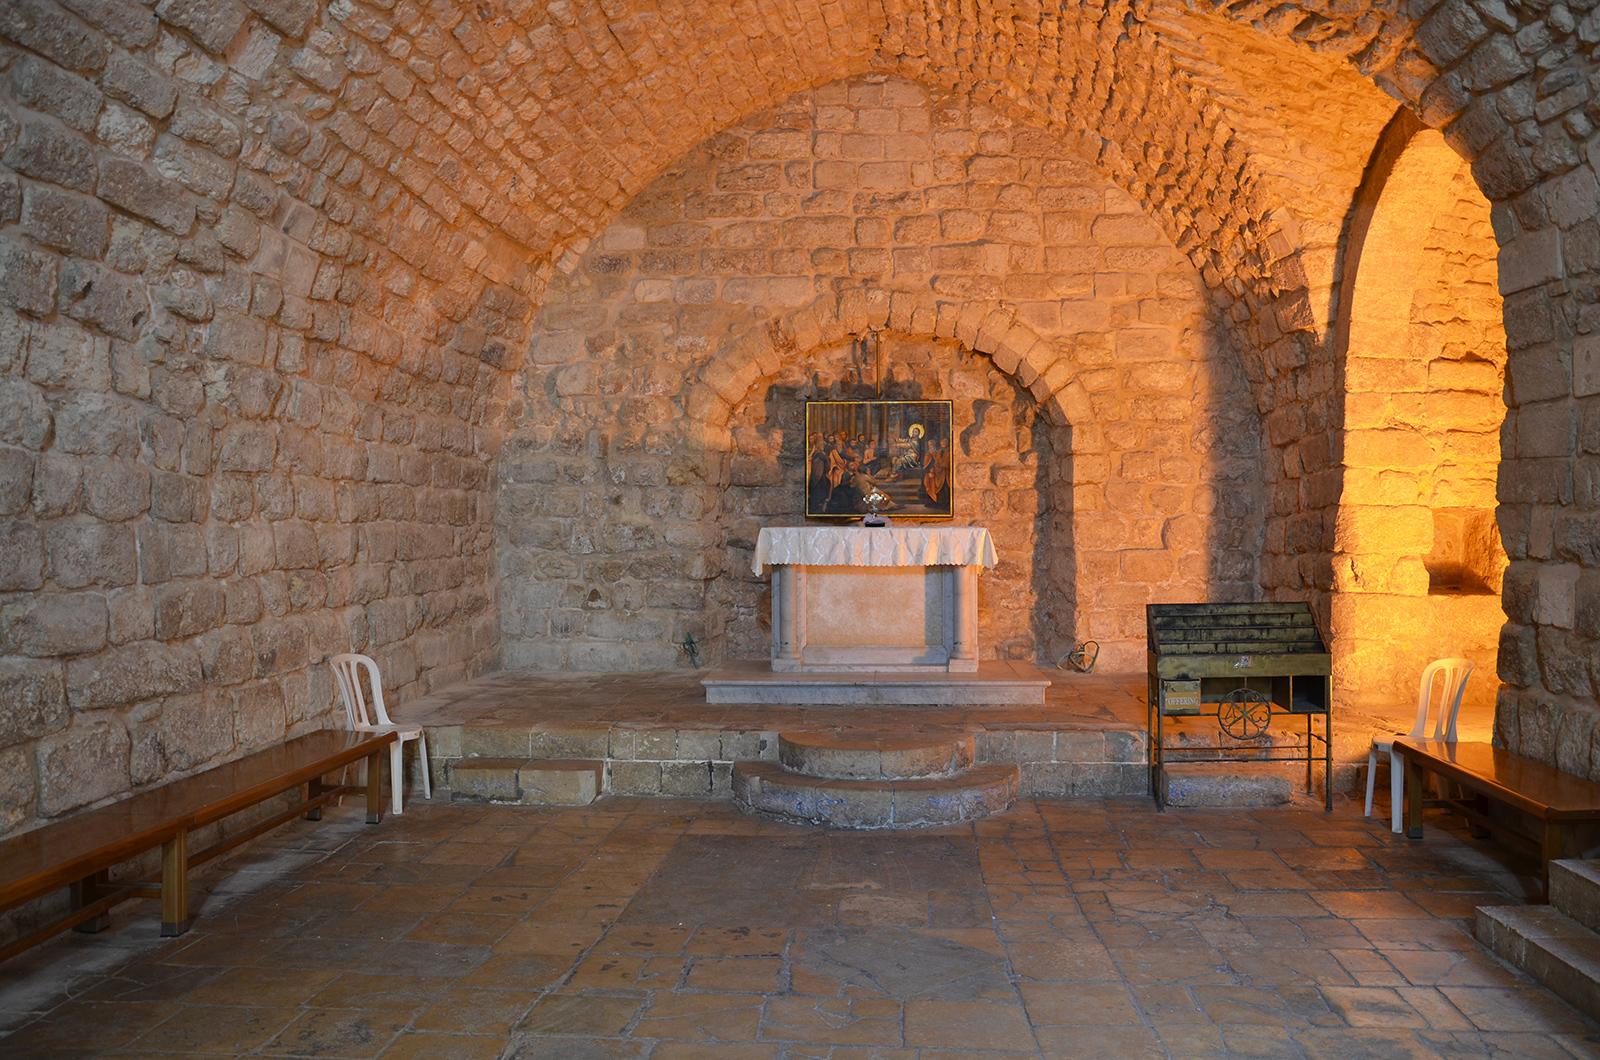 interiér stavby, Nazaret, Izrael